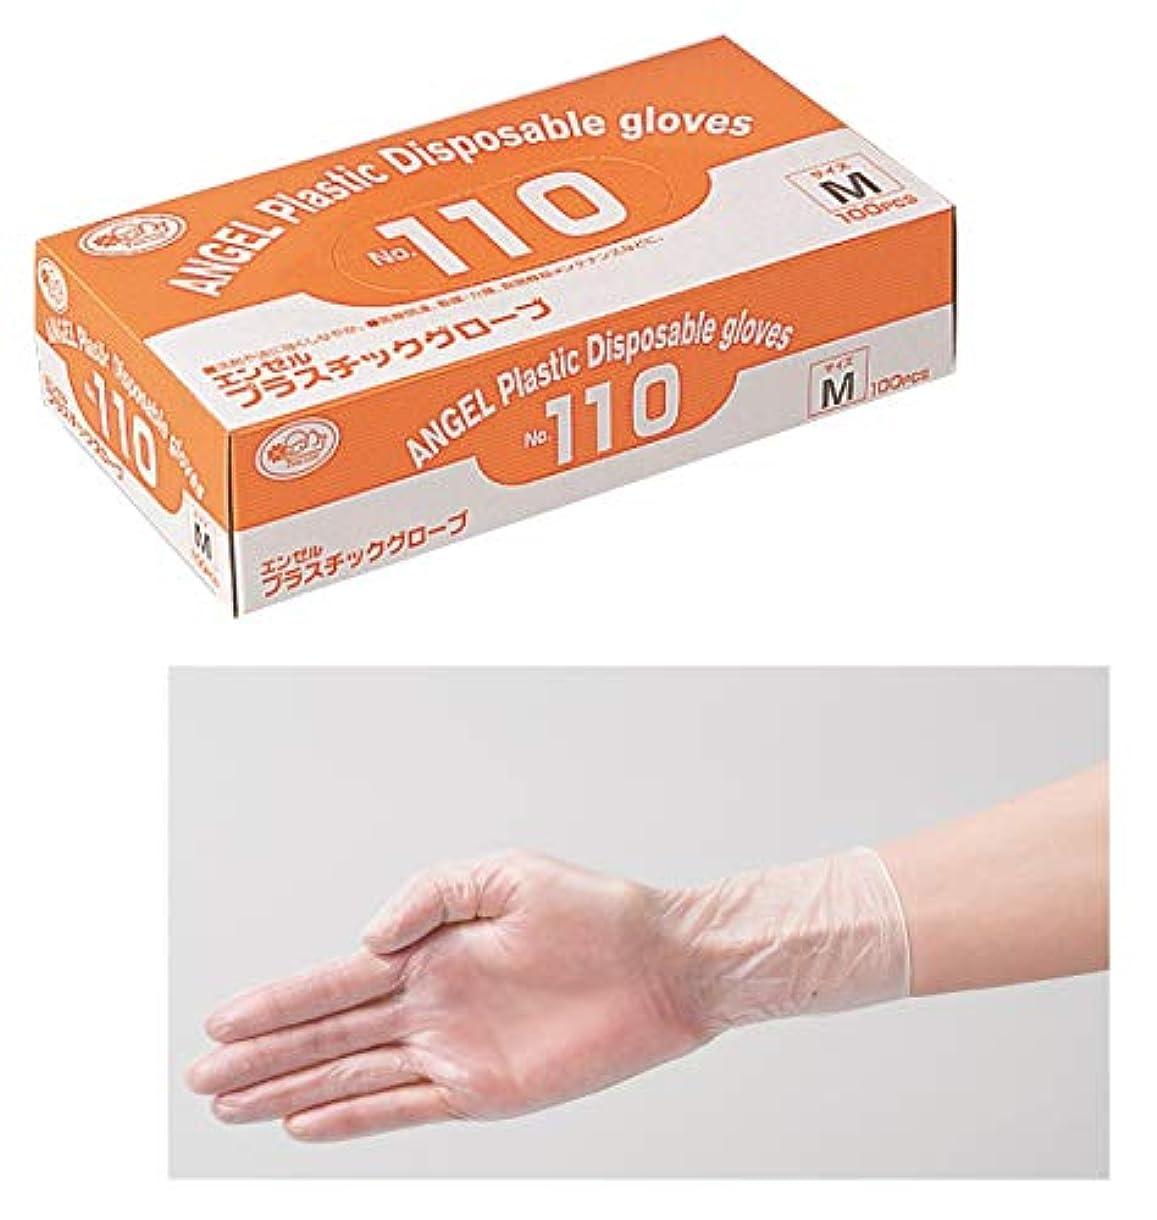 慰め壊滅的なありふれたサンフラワー No.110 プラスチックグローブ 粉付 100枚入り (L)